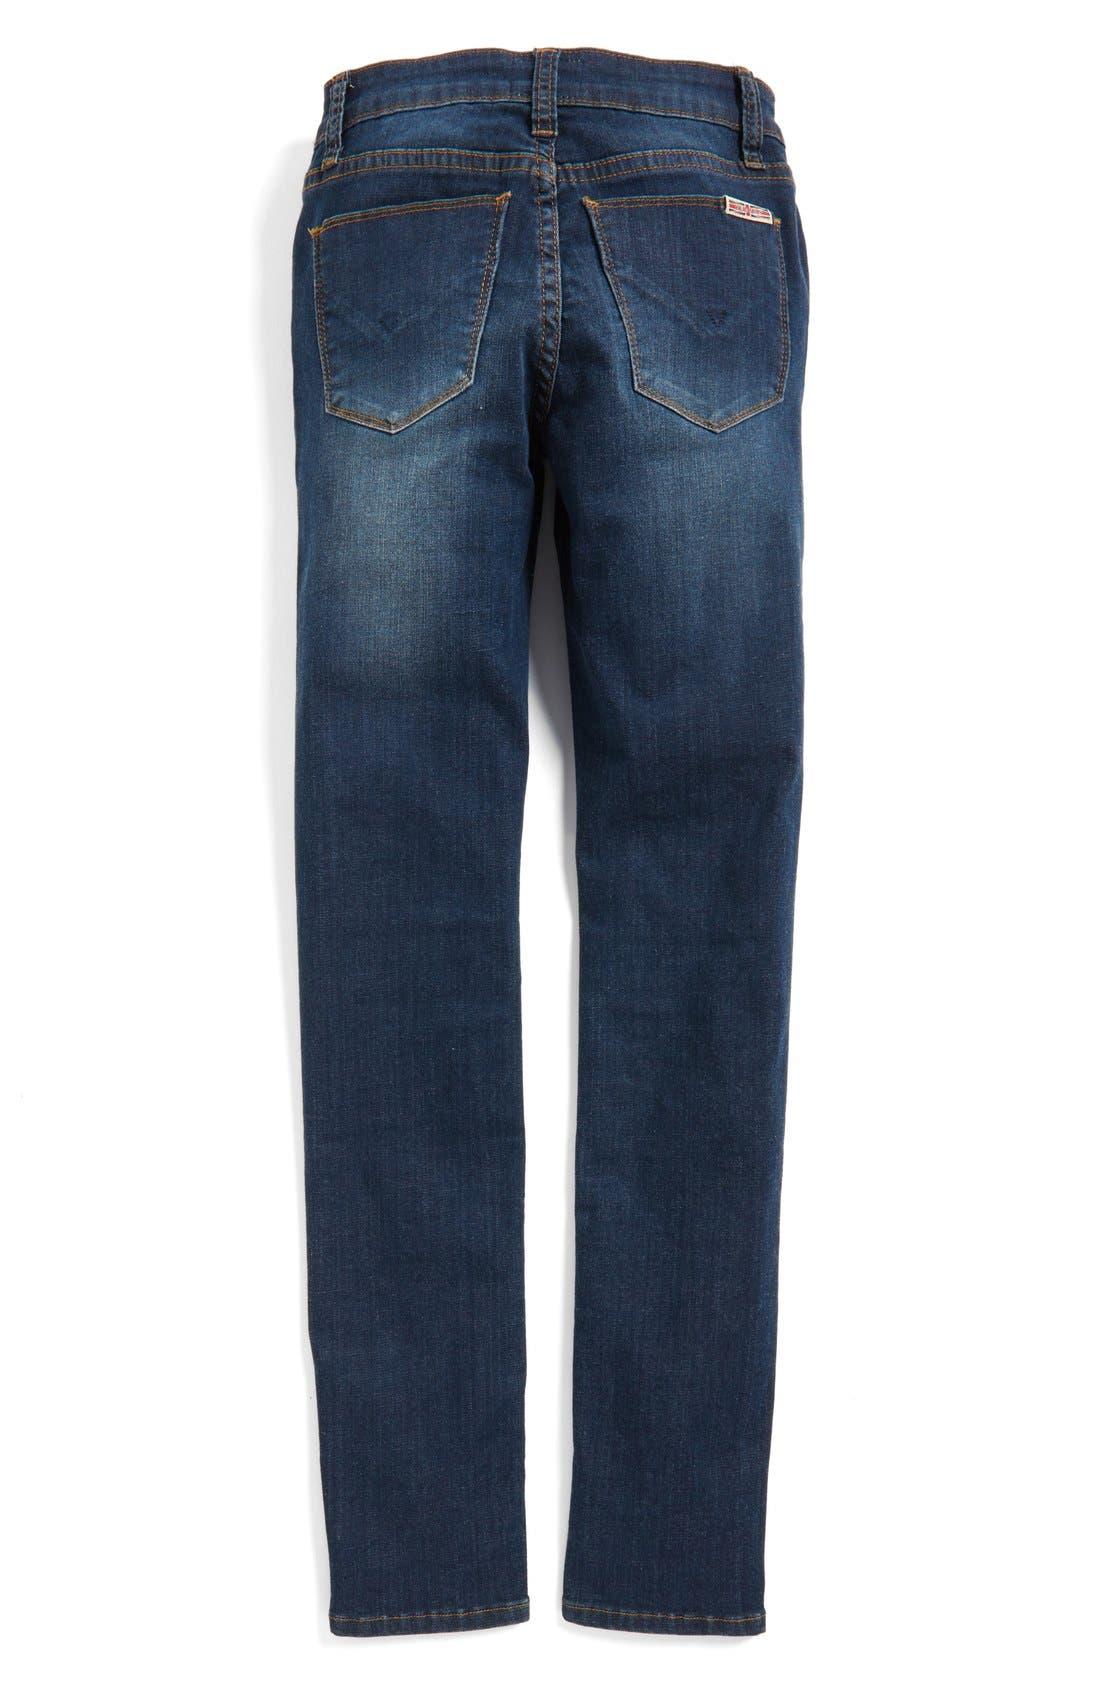 Alternate Image 3  - Hudson Kids 'Dolly' Destroyed Skinny Jeans (Big Girls)